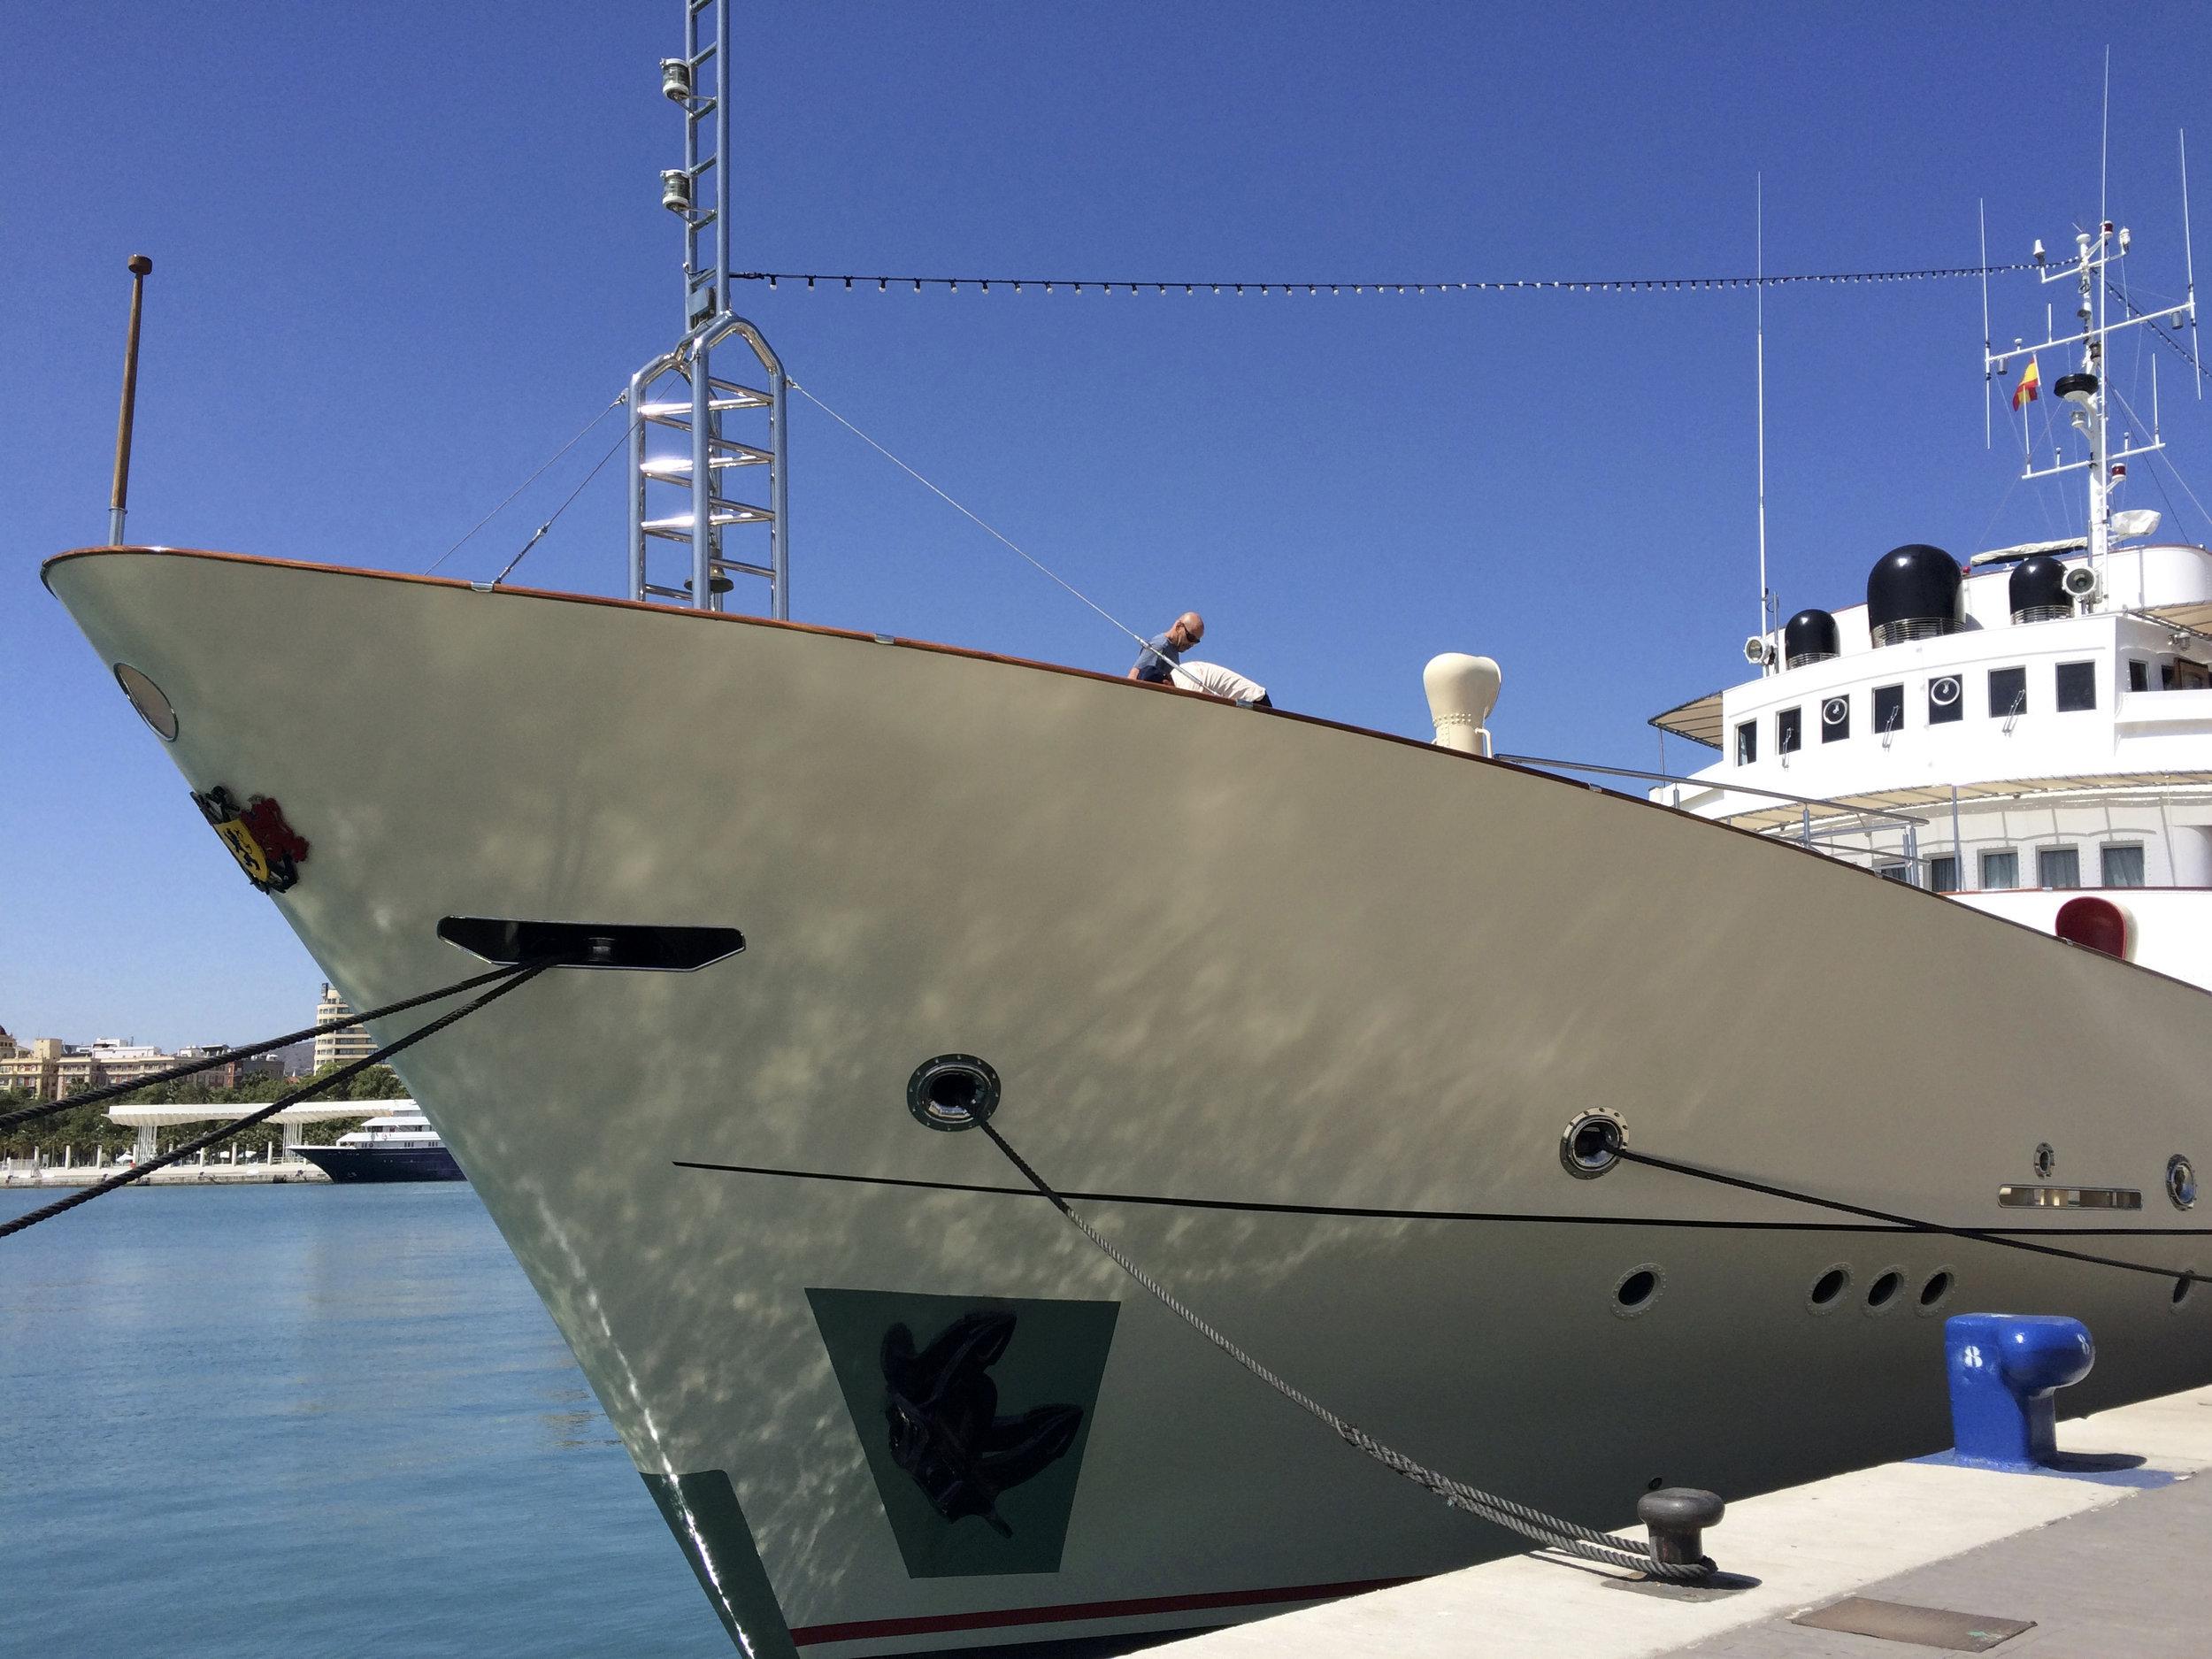 Yacht de luxe à la marina, Muello Uno